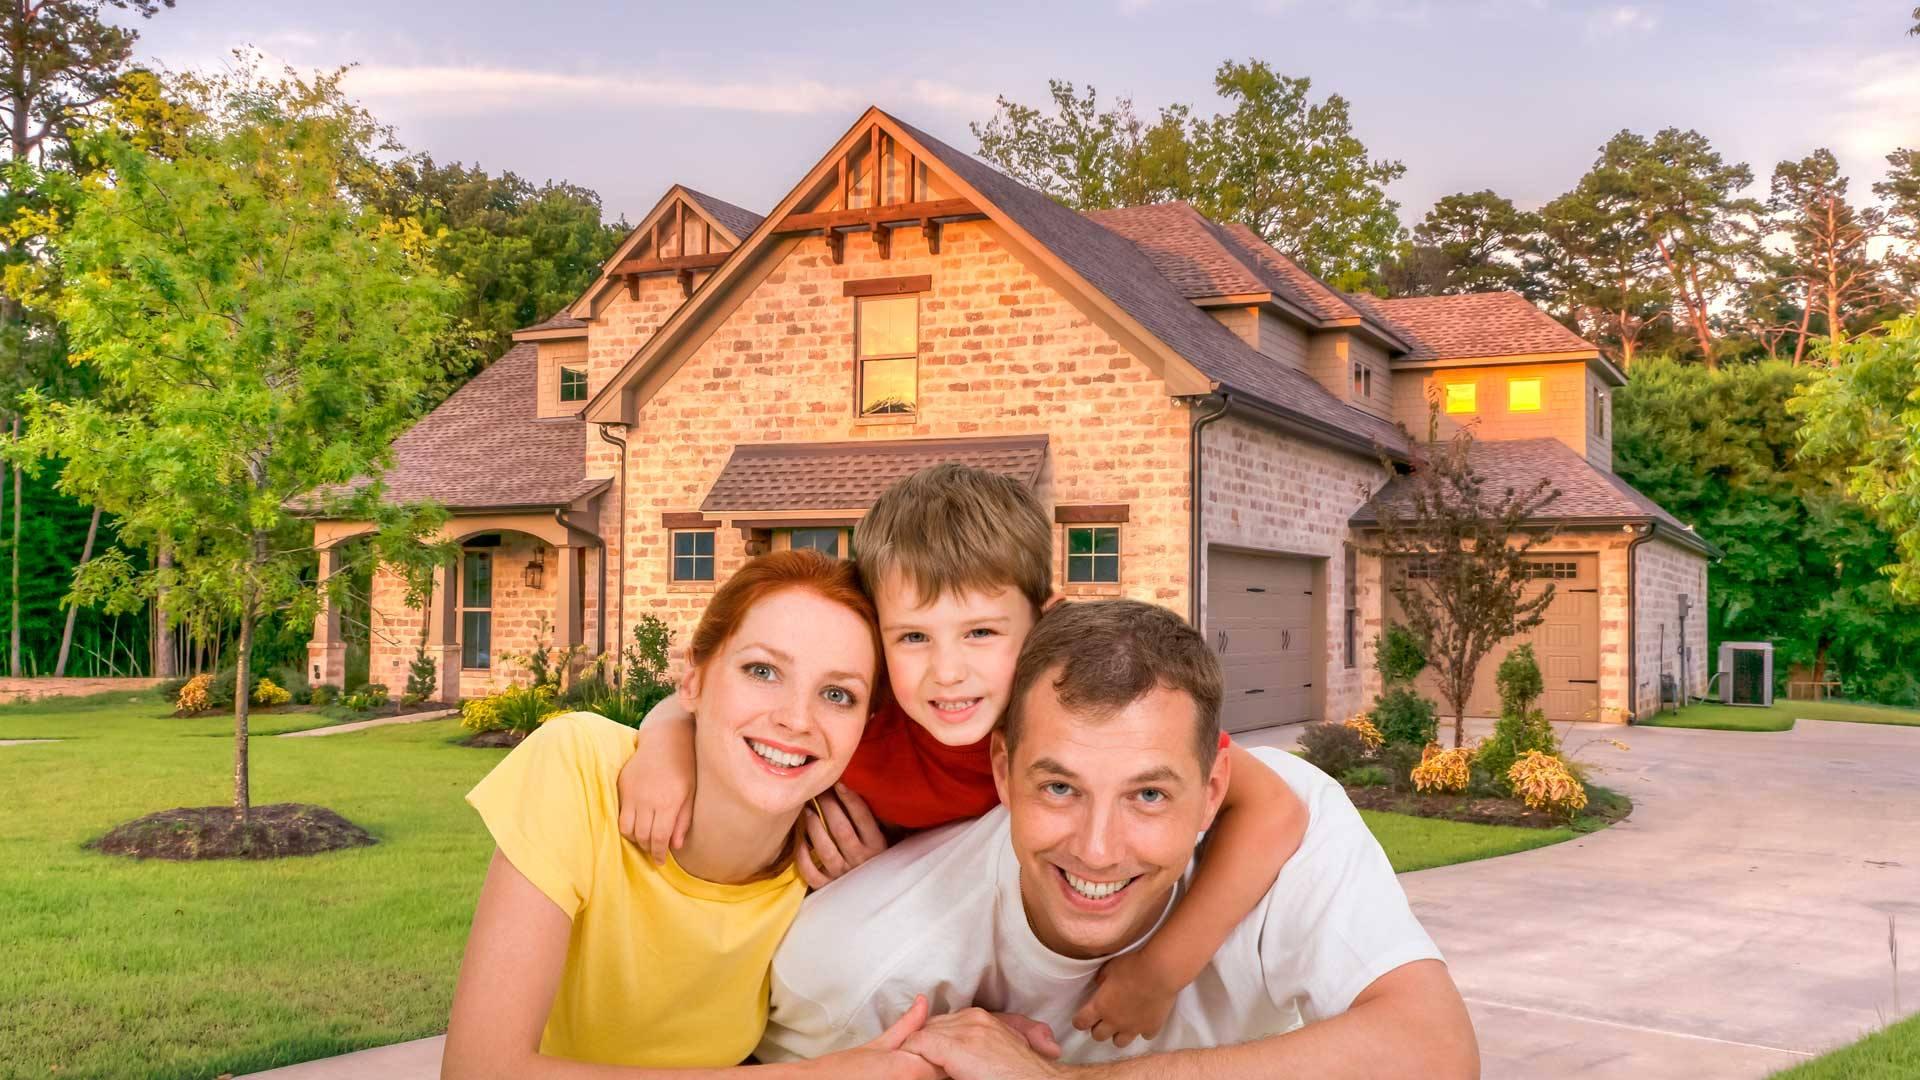 Купить дом в Рязанской области — строительство, продажа жилья без посредников под ключ